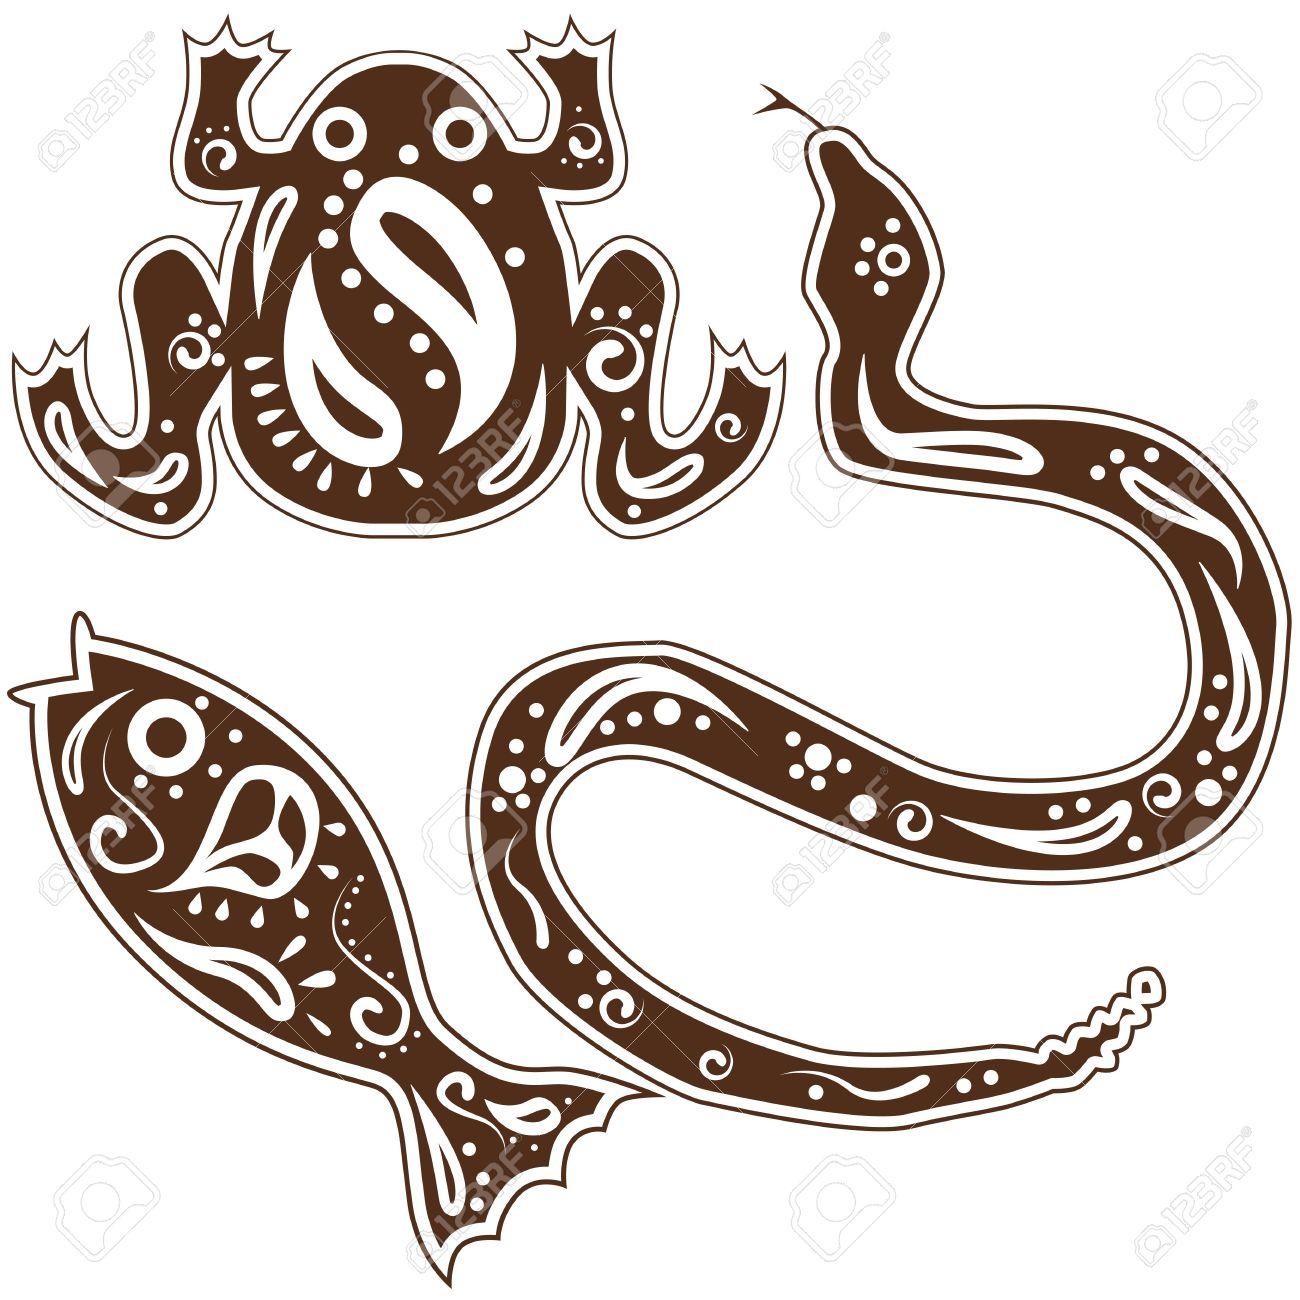 An image of tribal snake, fish, frog animal art. Stock Vector - 17336176